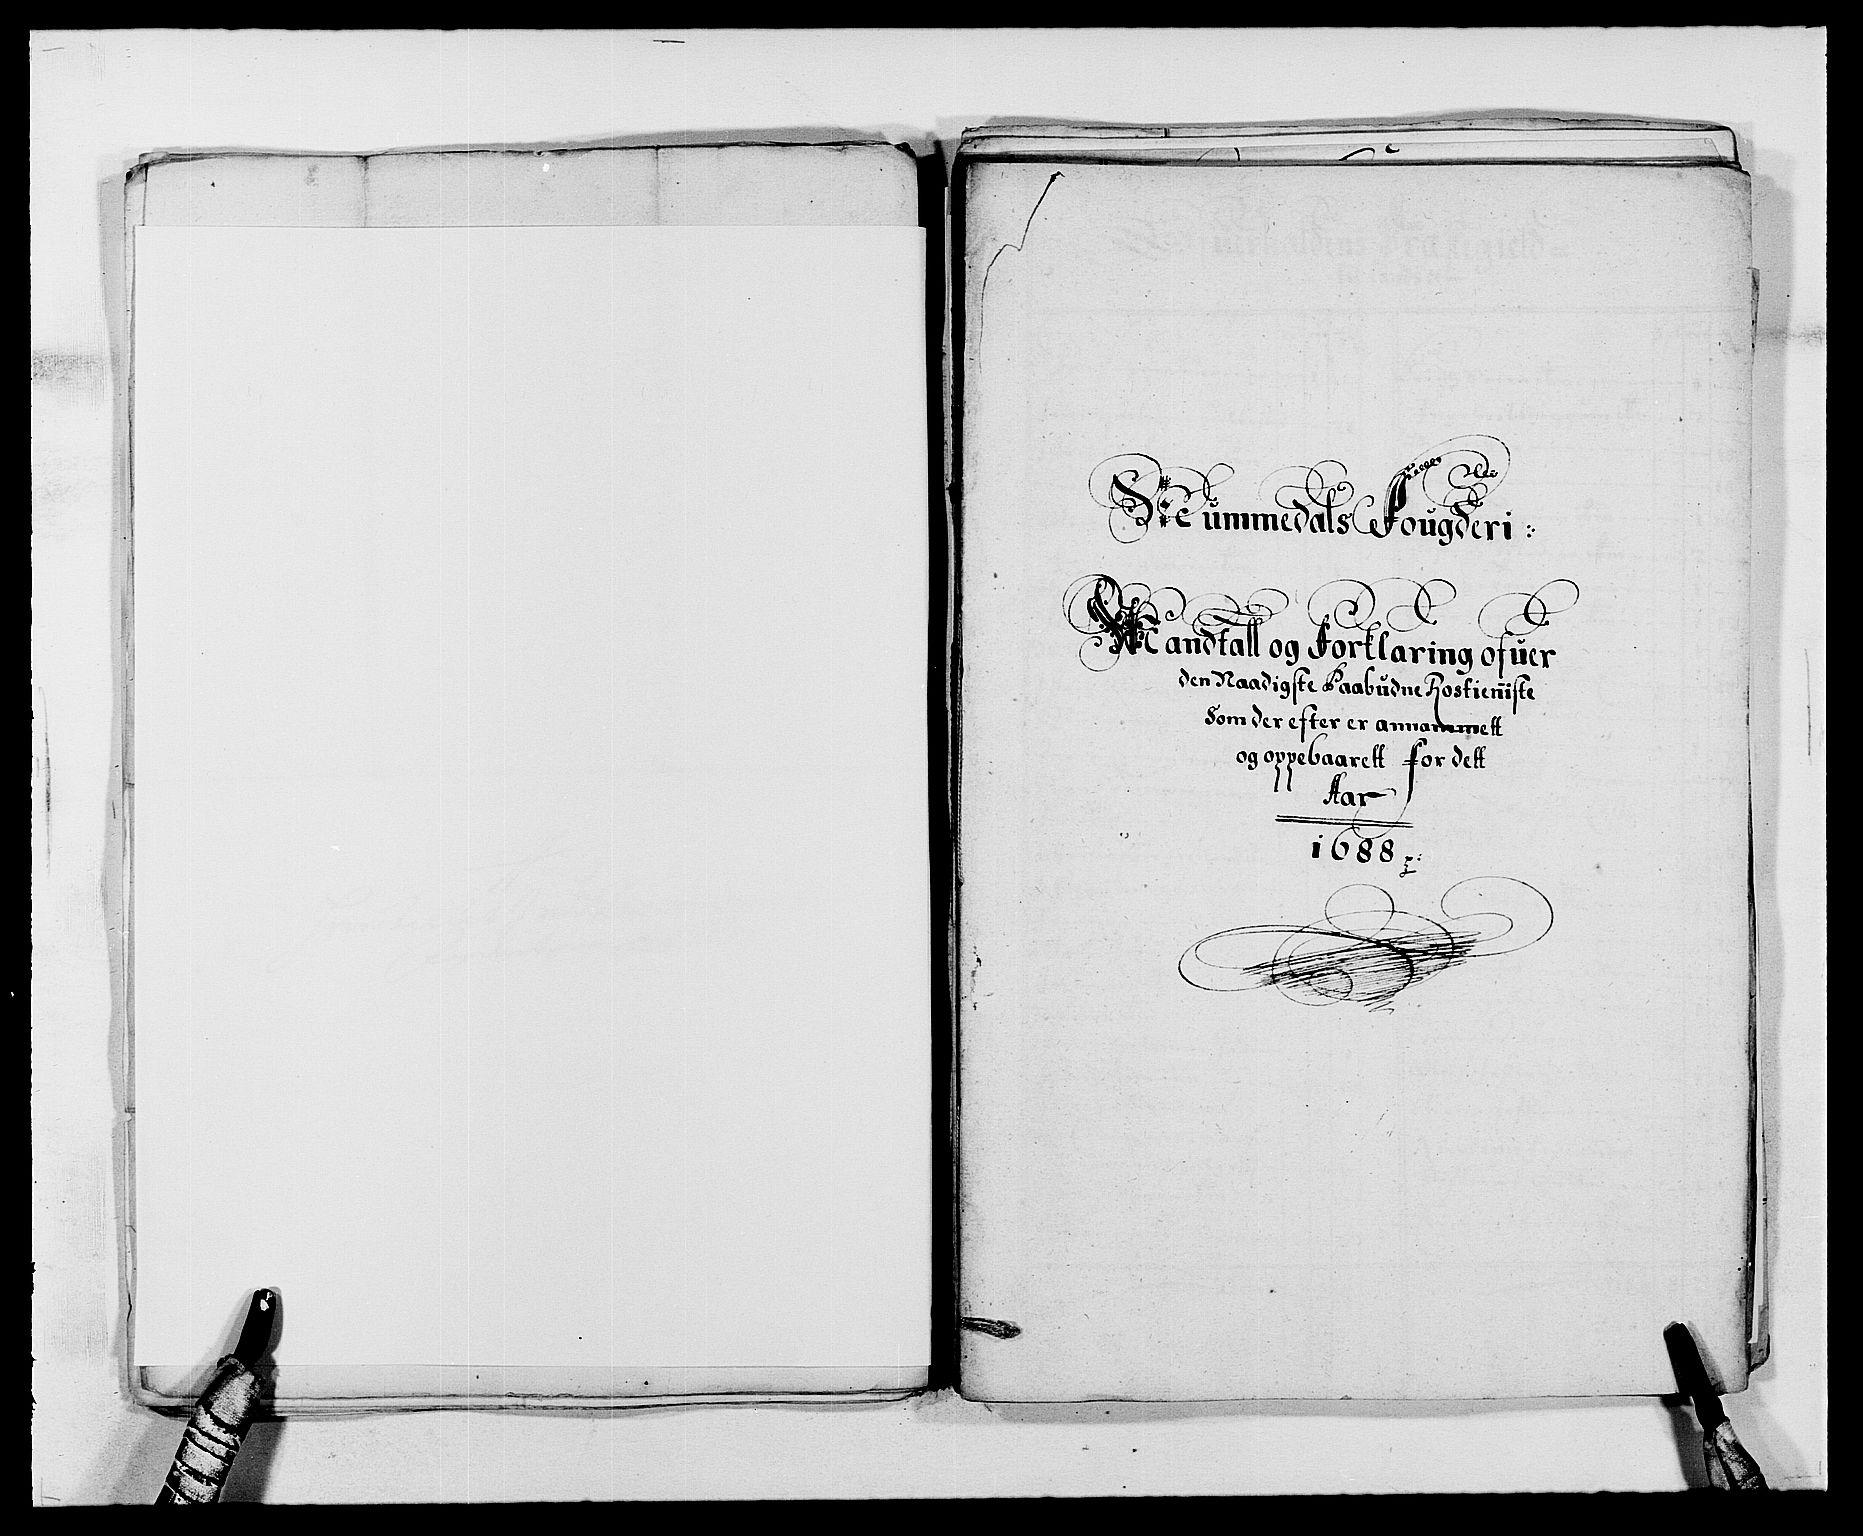 RA, Rentekammeret inntil 1814, Reviderte regnskaper, Fogderegnskap, R64/L4422: Fogderegnskap Namdal, 1687-1689, s. 142